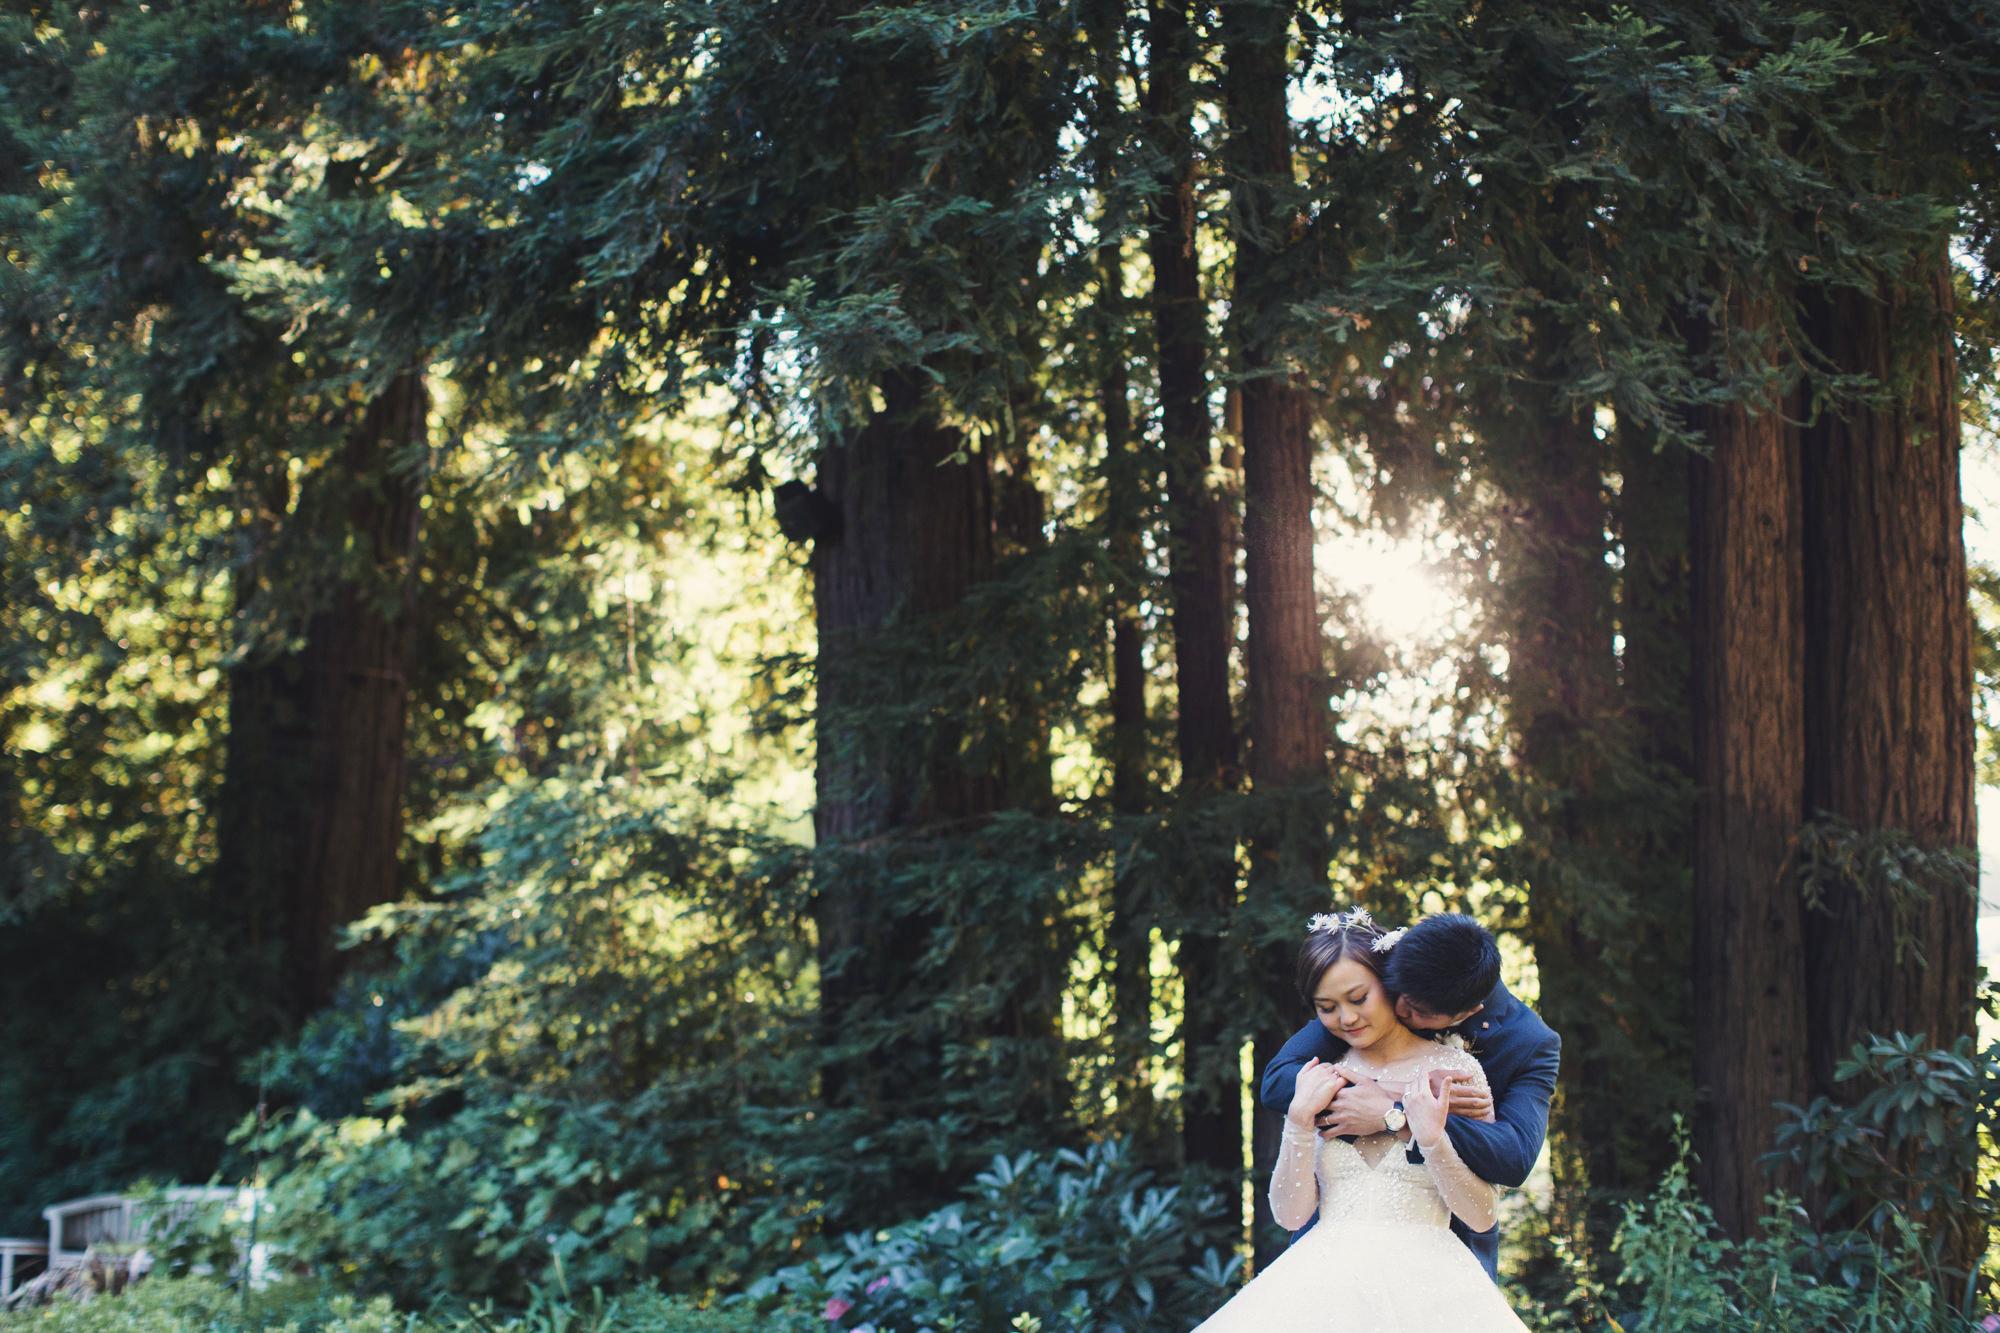 Fairytale Wedding in Nestldown ©Anne-Claire Brun 0053